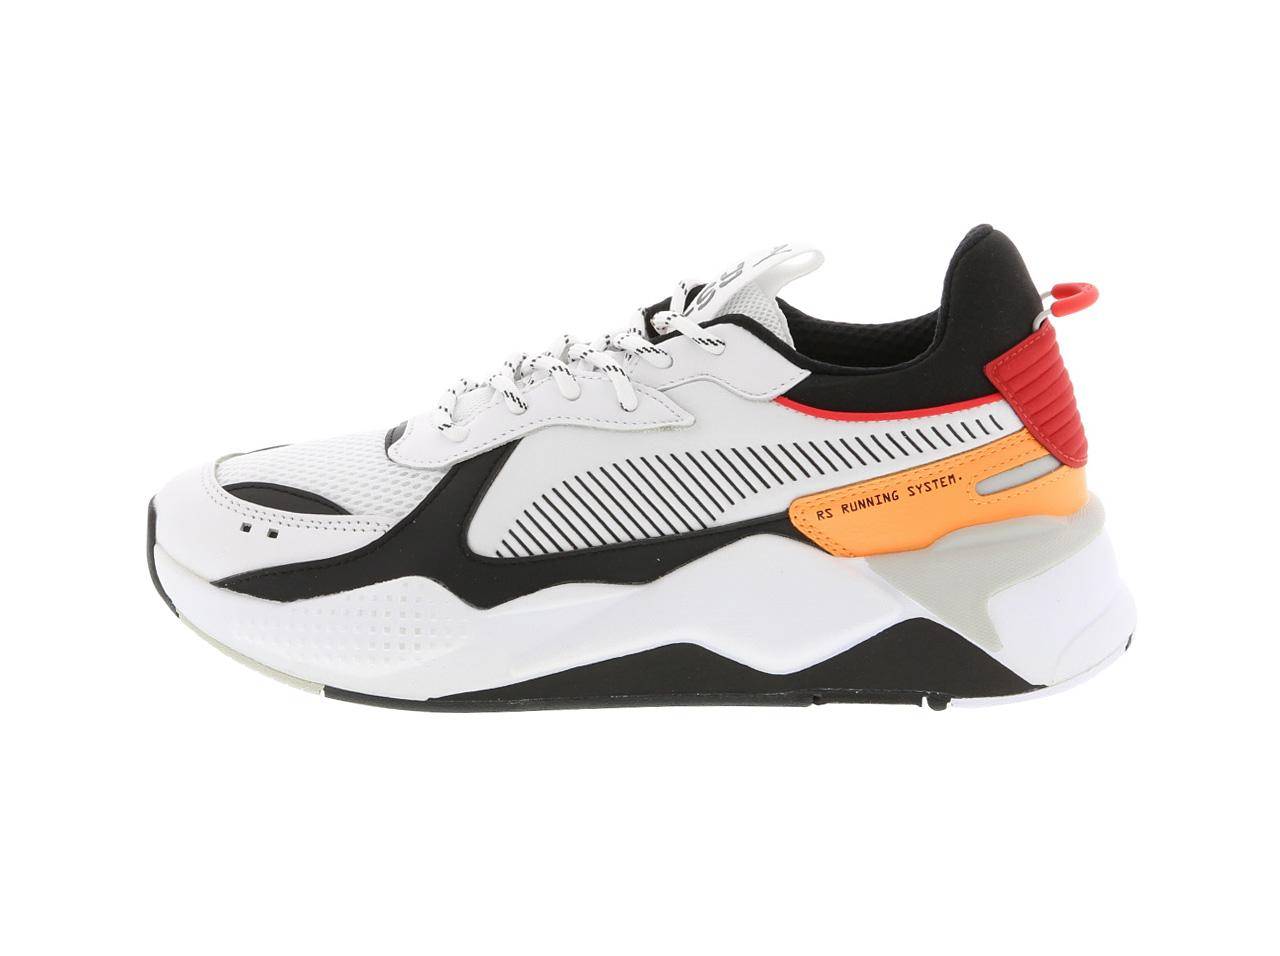 【全品ポイント10倍!期間限定★今すぐエントリー!(4/1~4/30)】【3/16発売】 PUMA RS-X TRACKS(369332-02)【プーマ】【メンズファッション】【スニーカー】【シューズ】【靴】【フットウェア】